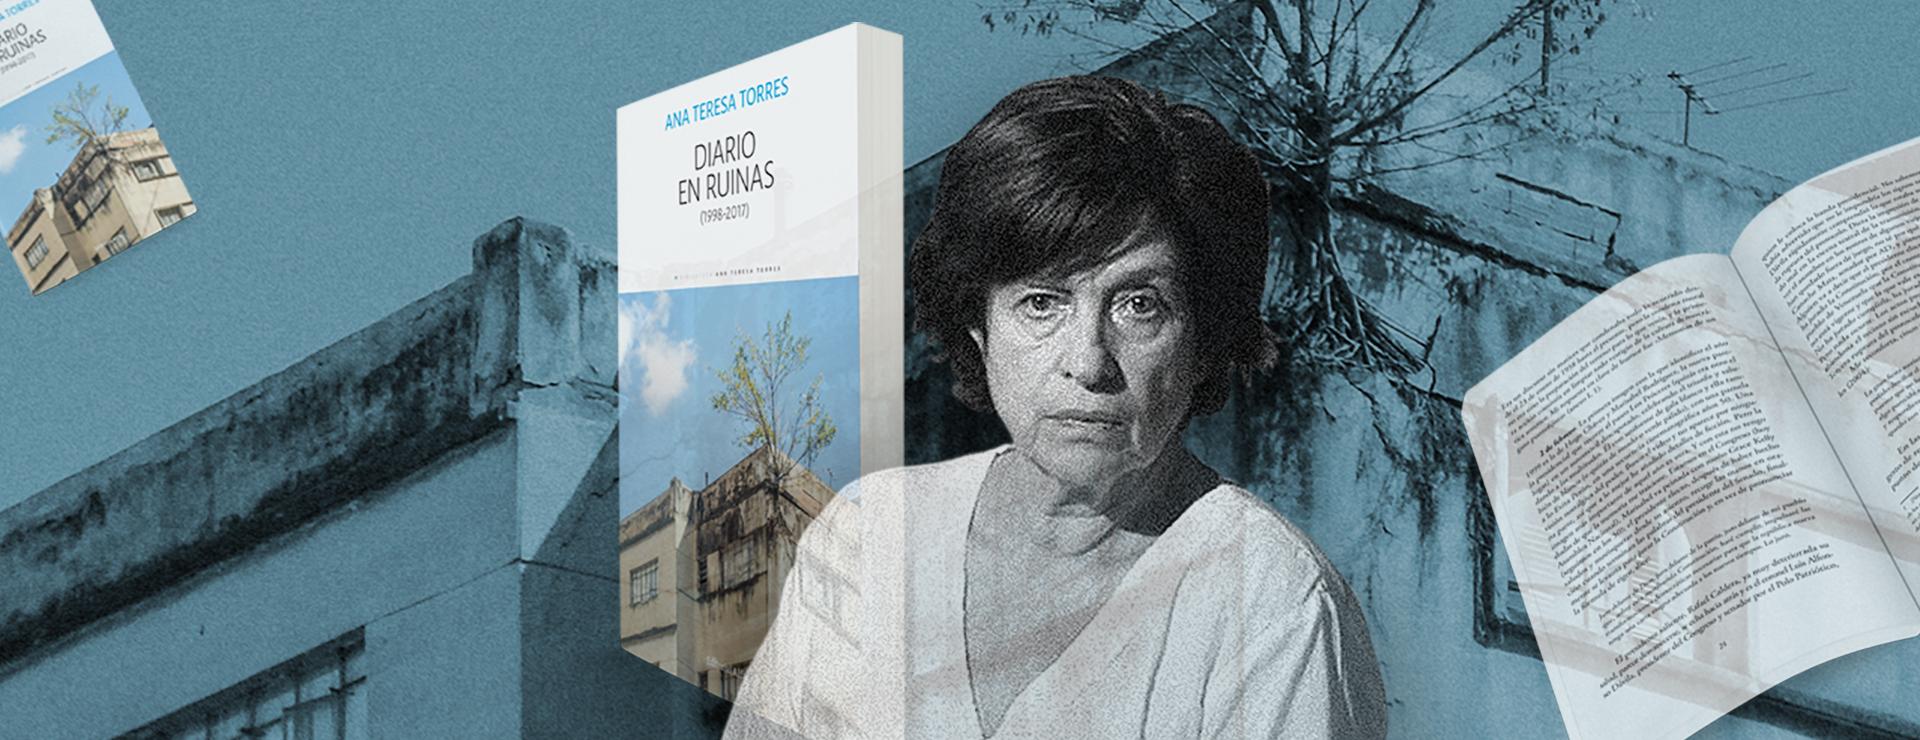 Carrusel principal - Diario